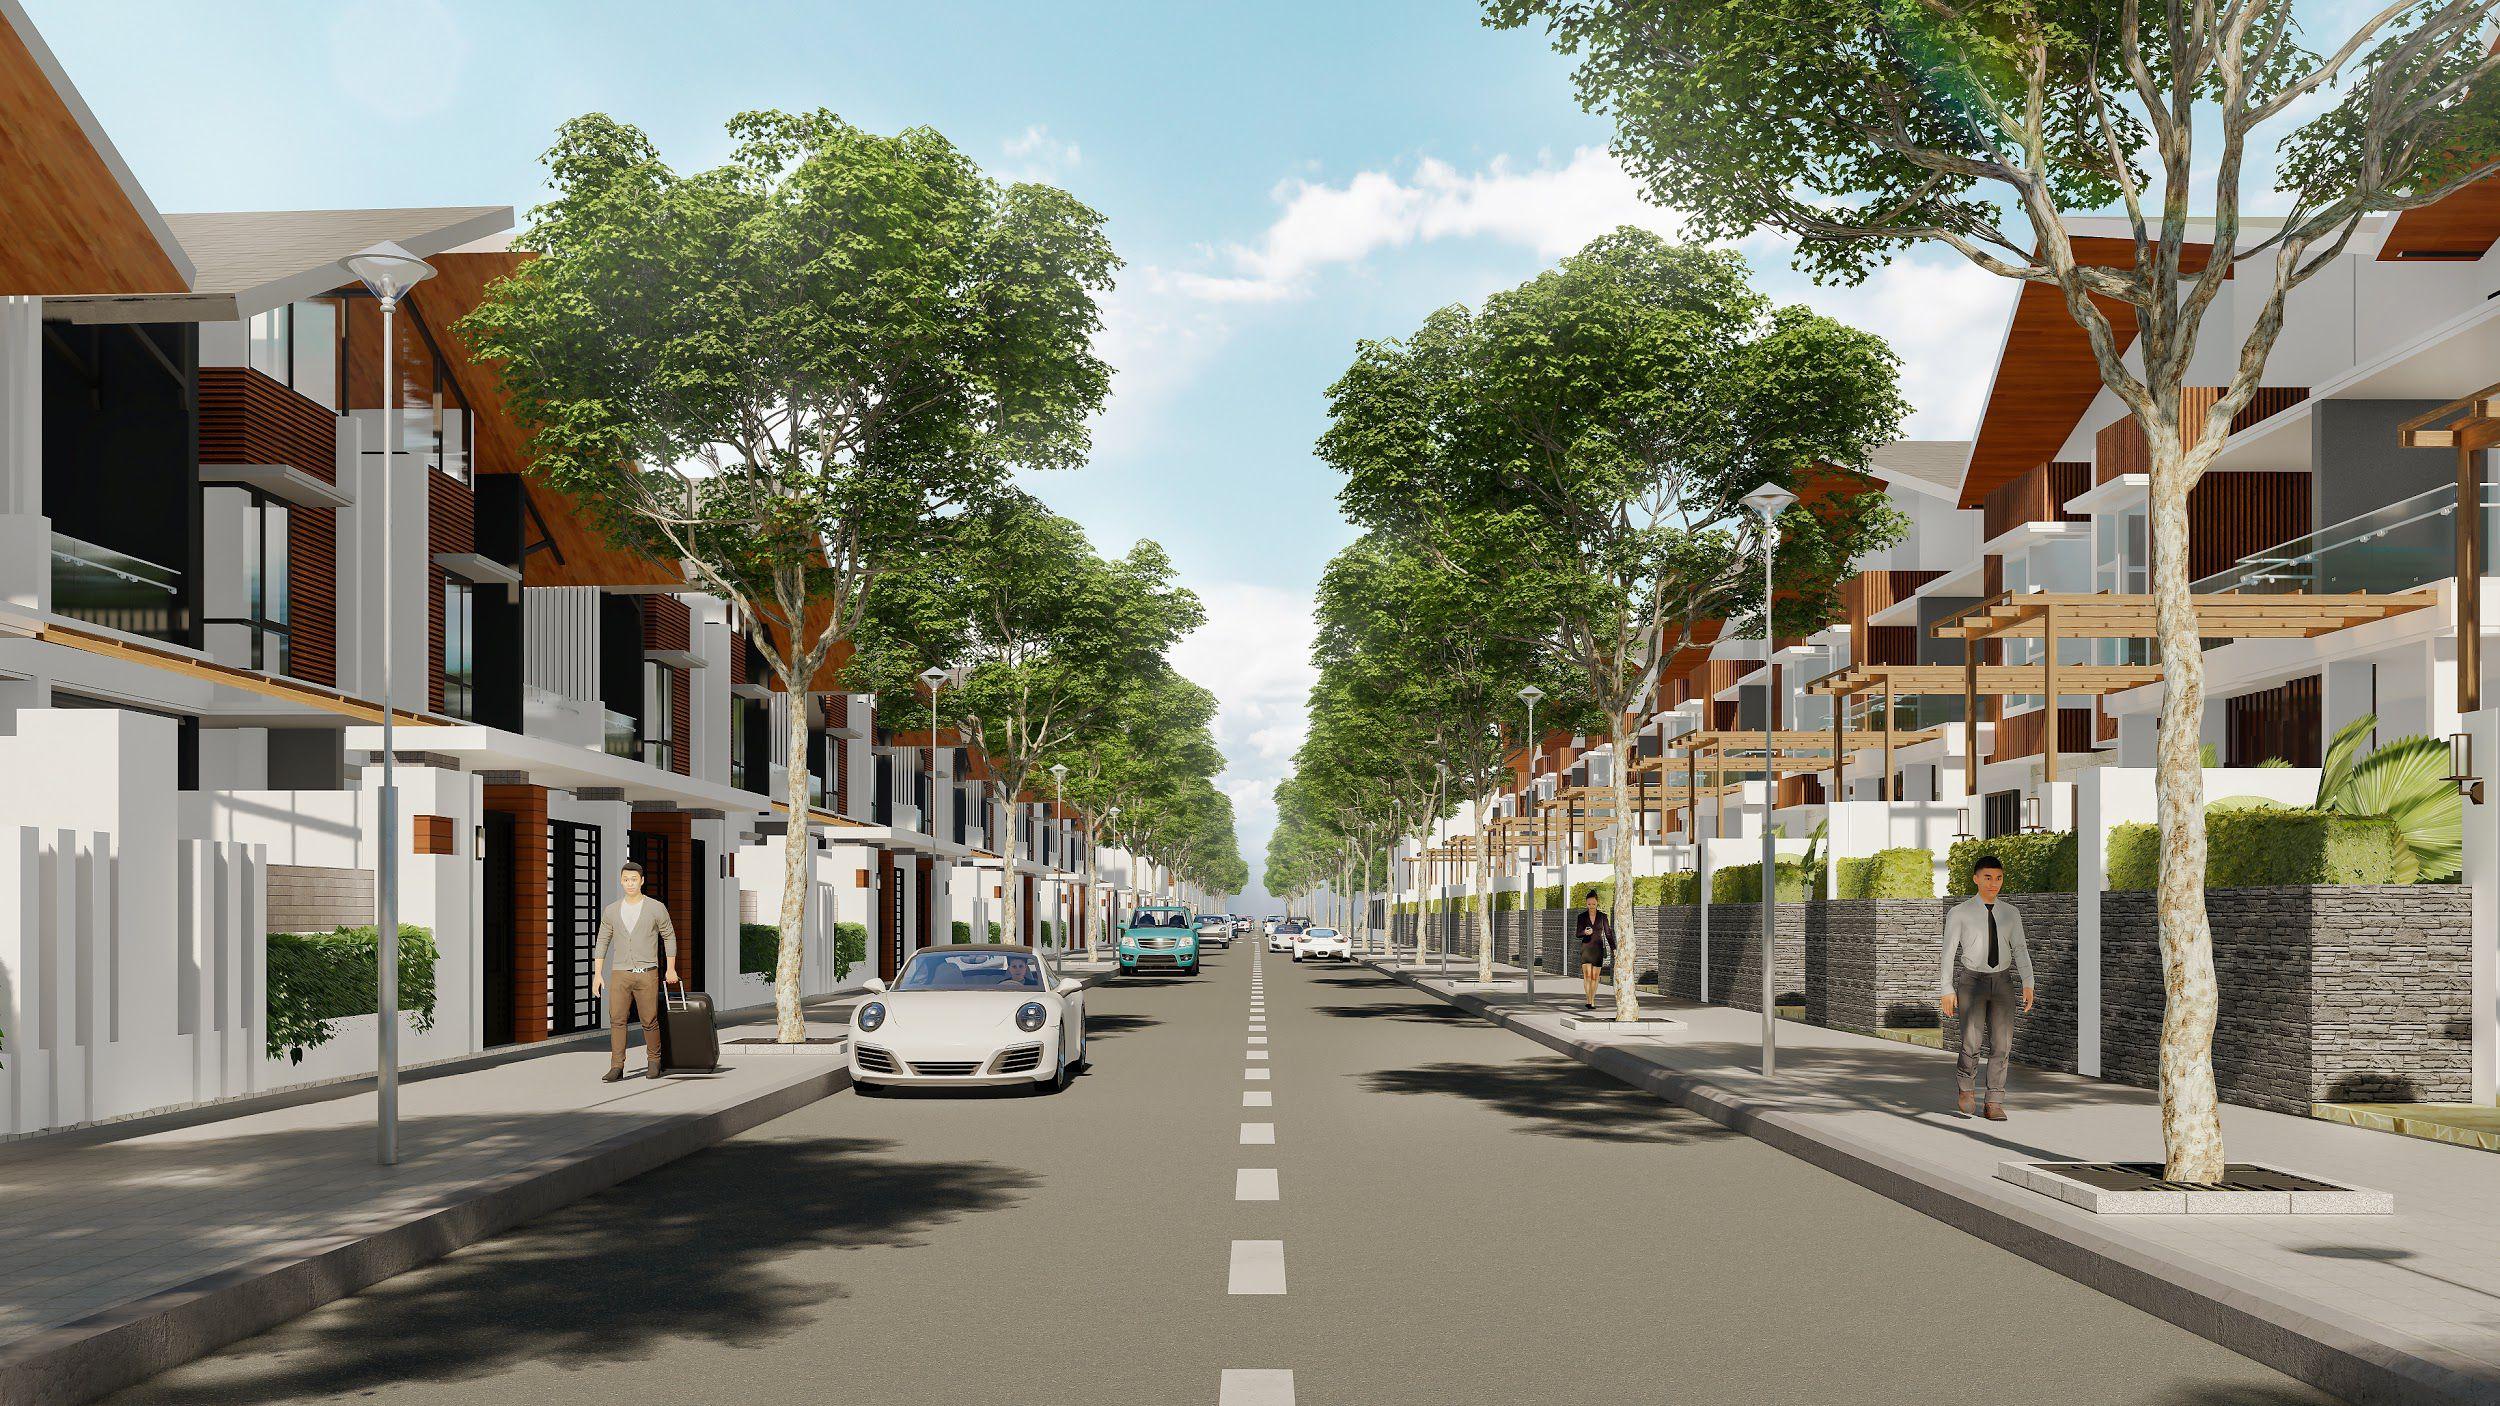 Phối cảnh dãy nhà phố tại dự án khu đô thị Phú Thịnh Center City